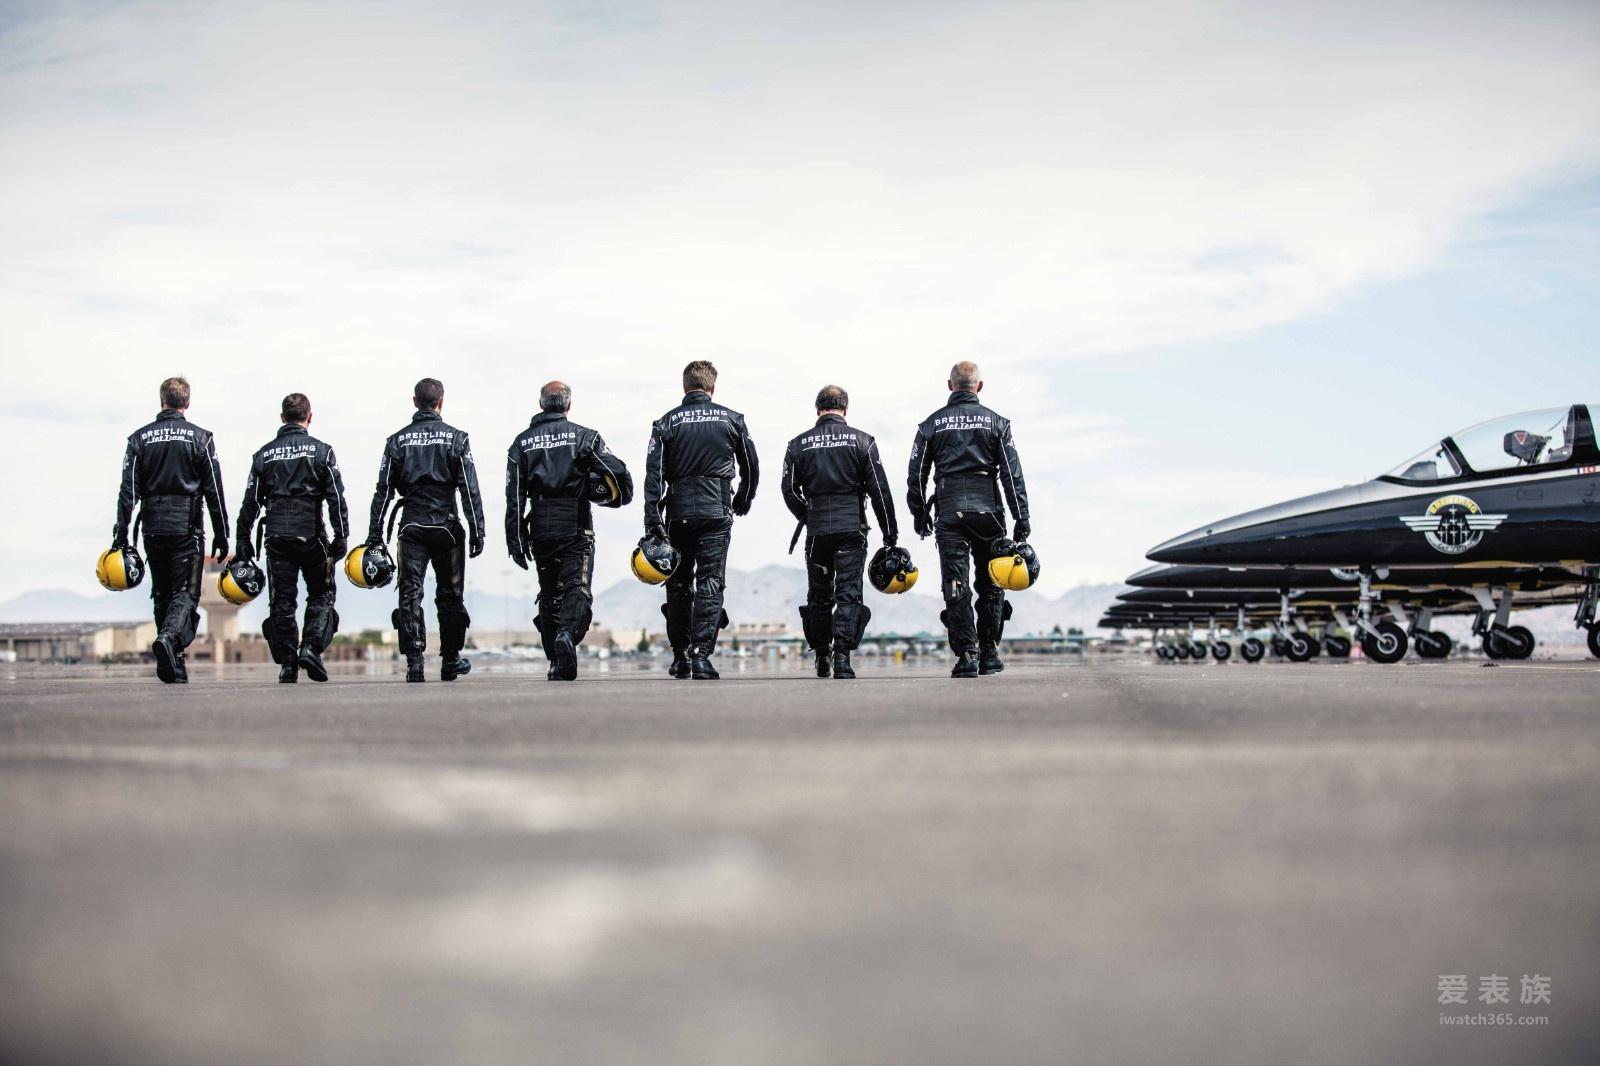 百年灵喷气机队——飞向未来的最佳伙伴